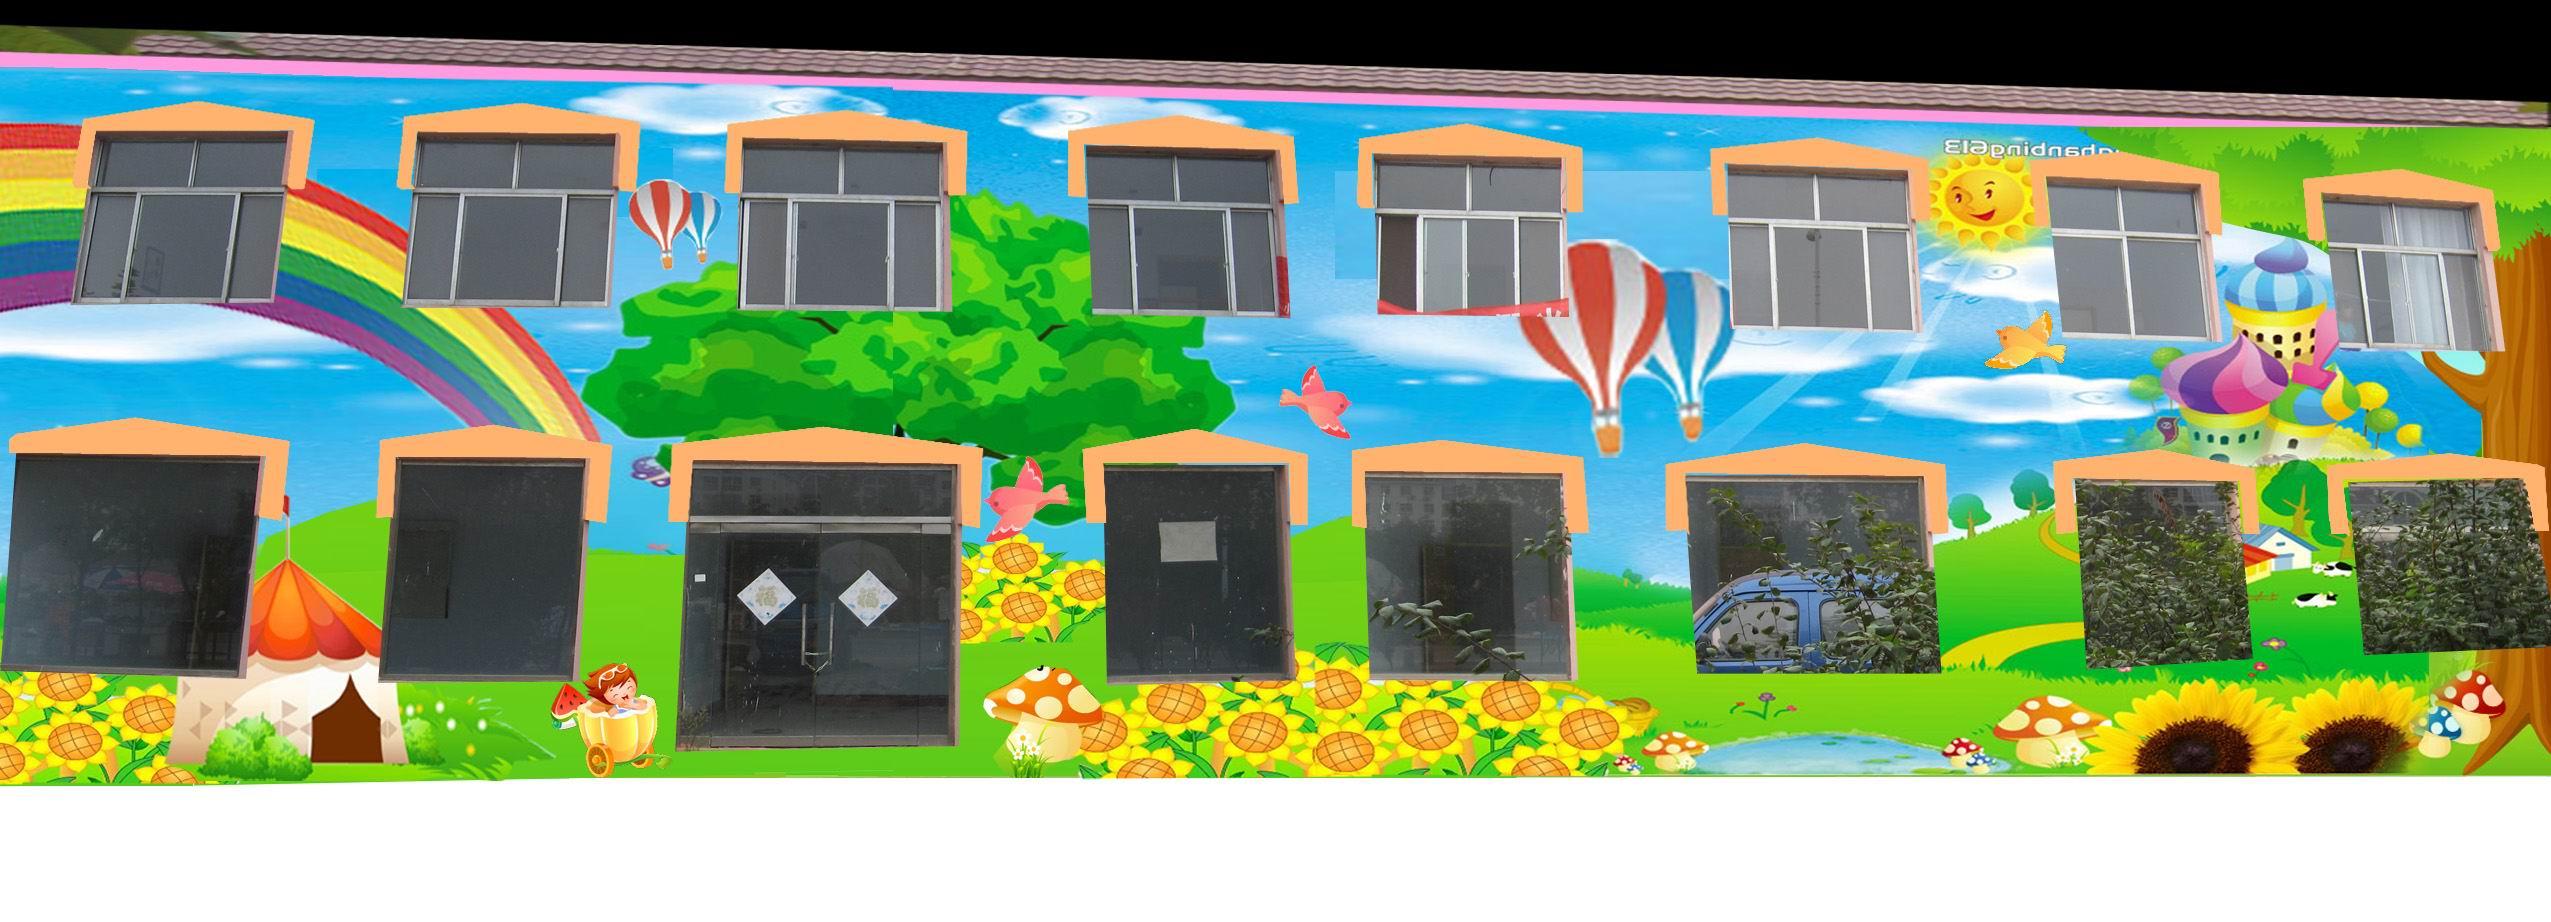 德州教室手绘壁画-幼儿园手工喷绘